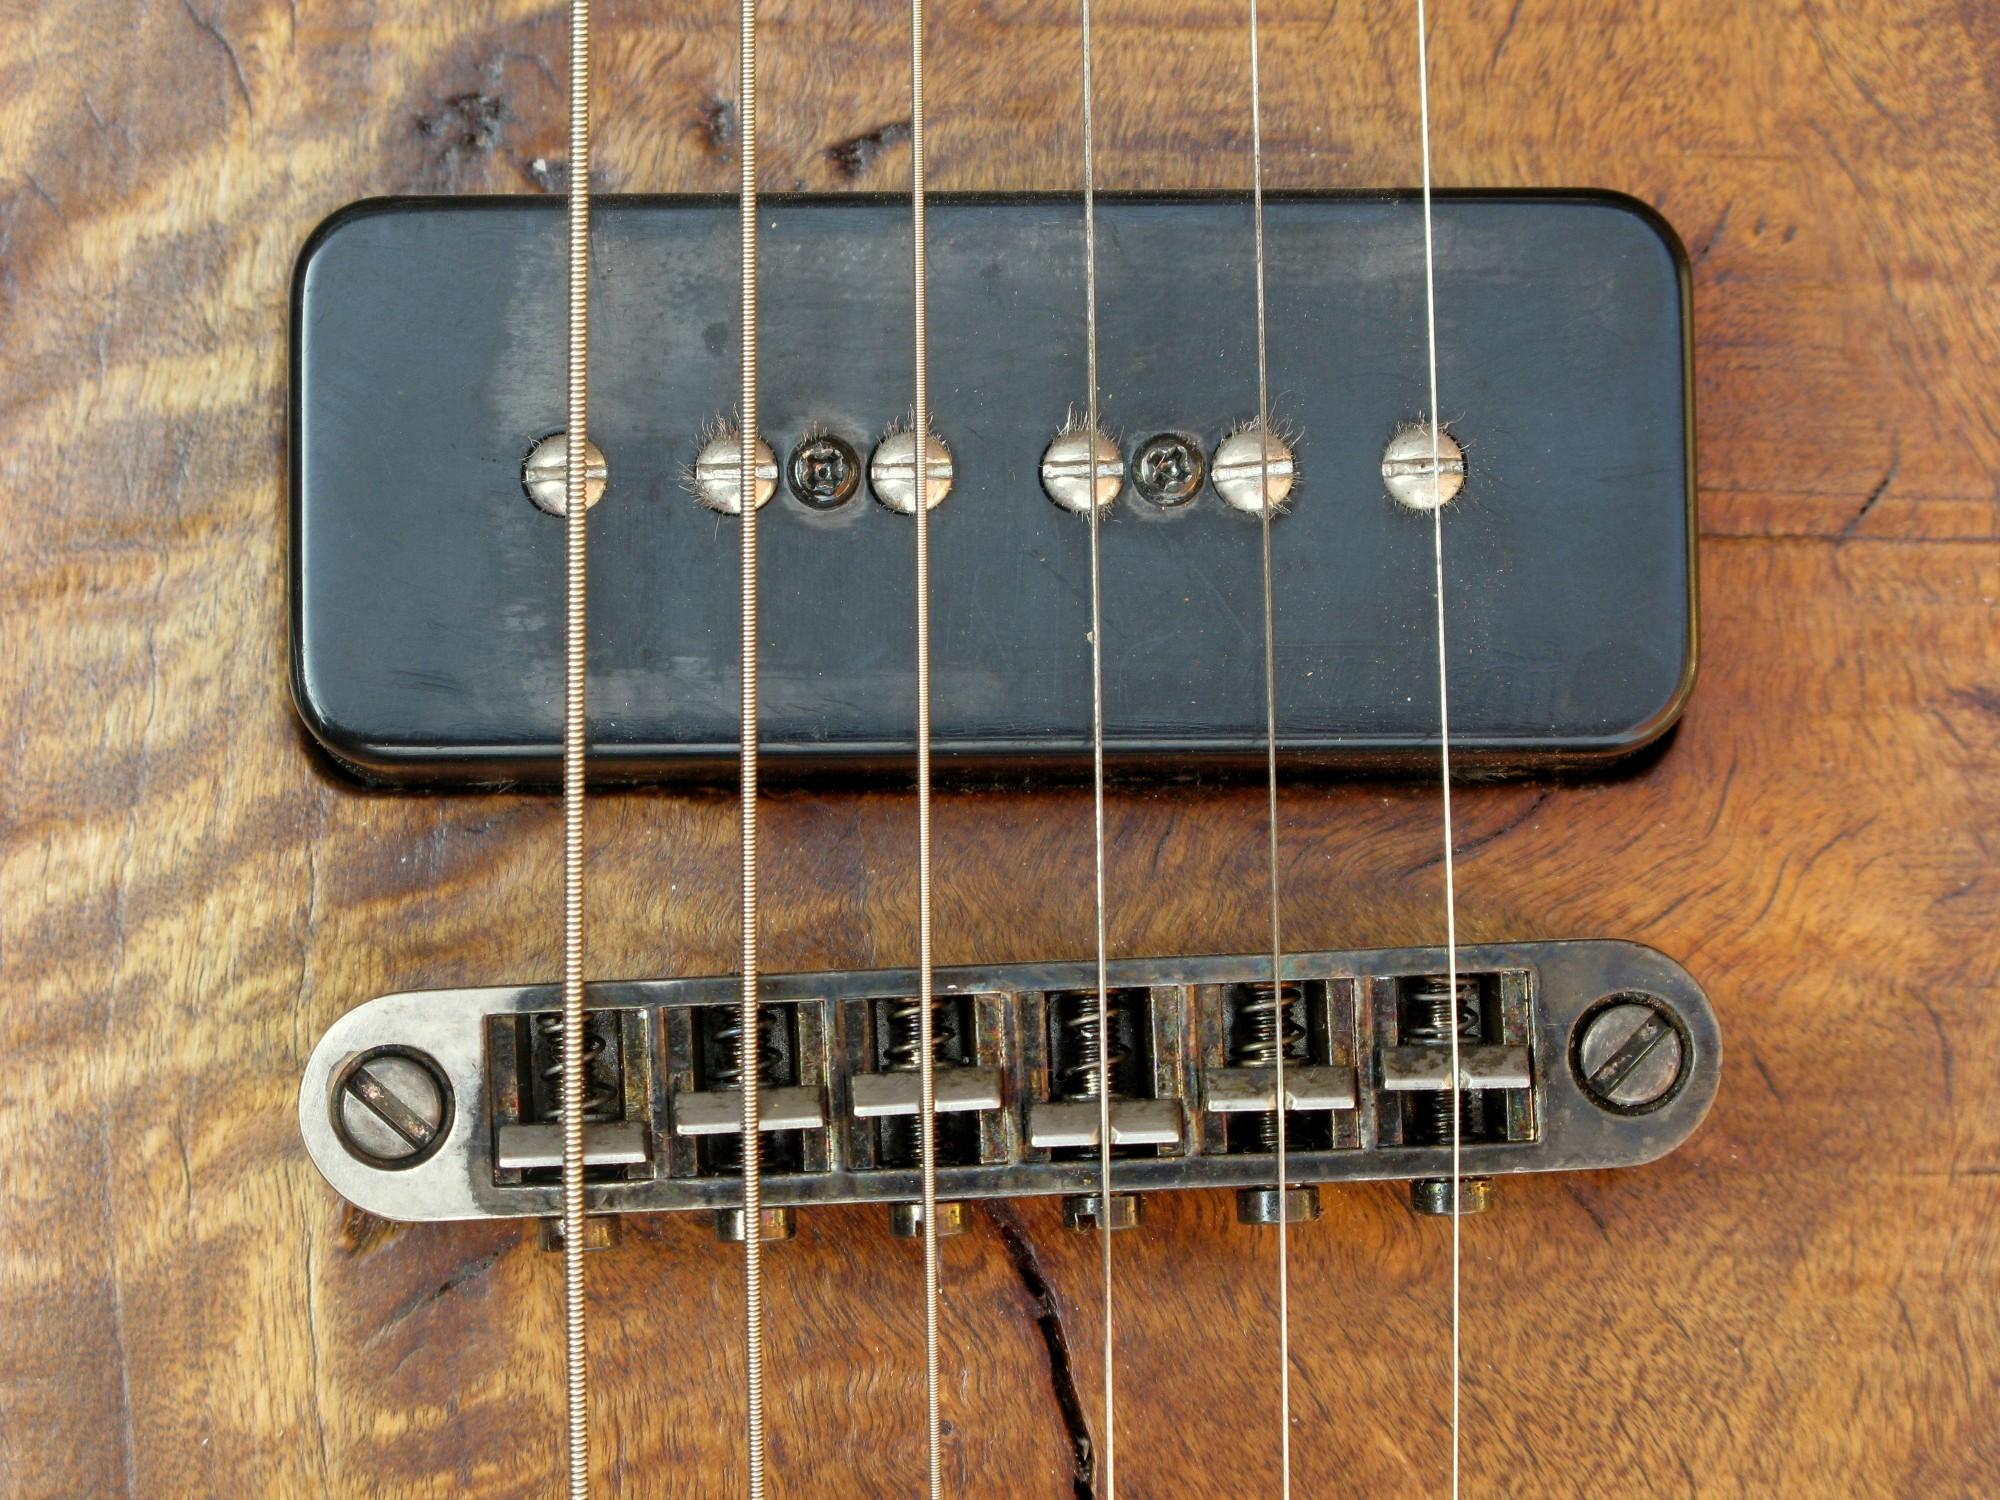 Pickup p90 al ponte di una chitarra elettrica in pioppo